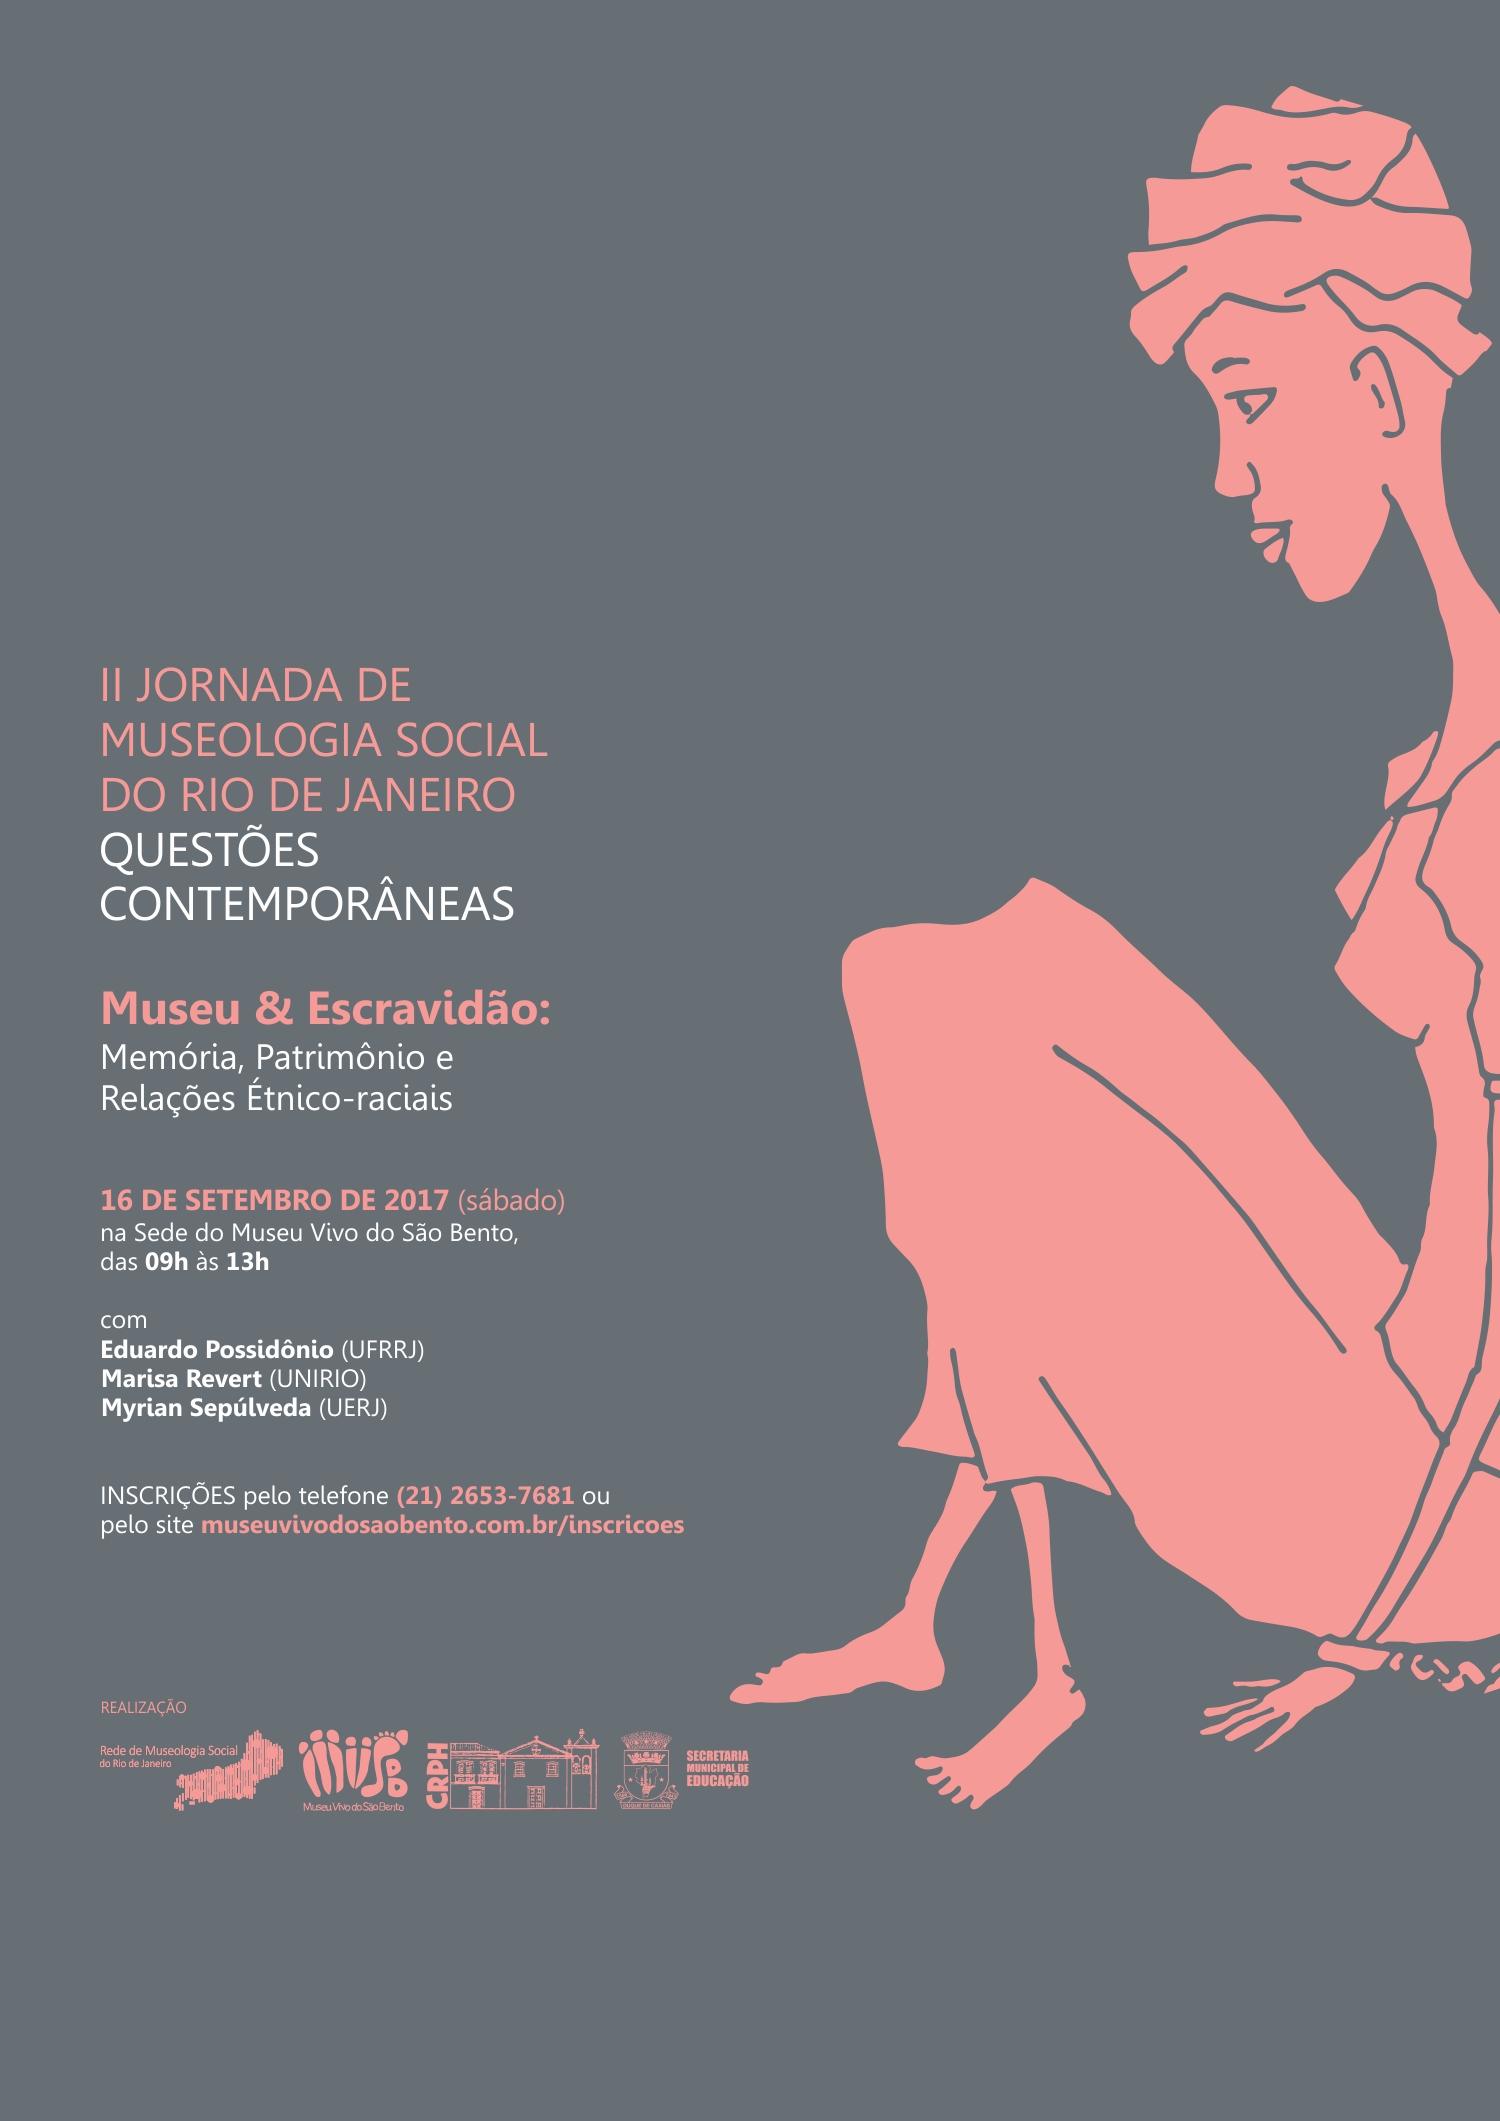 II Jornada de Museologia Social do Rio de Janeiro: Questões Contemporâneas